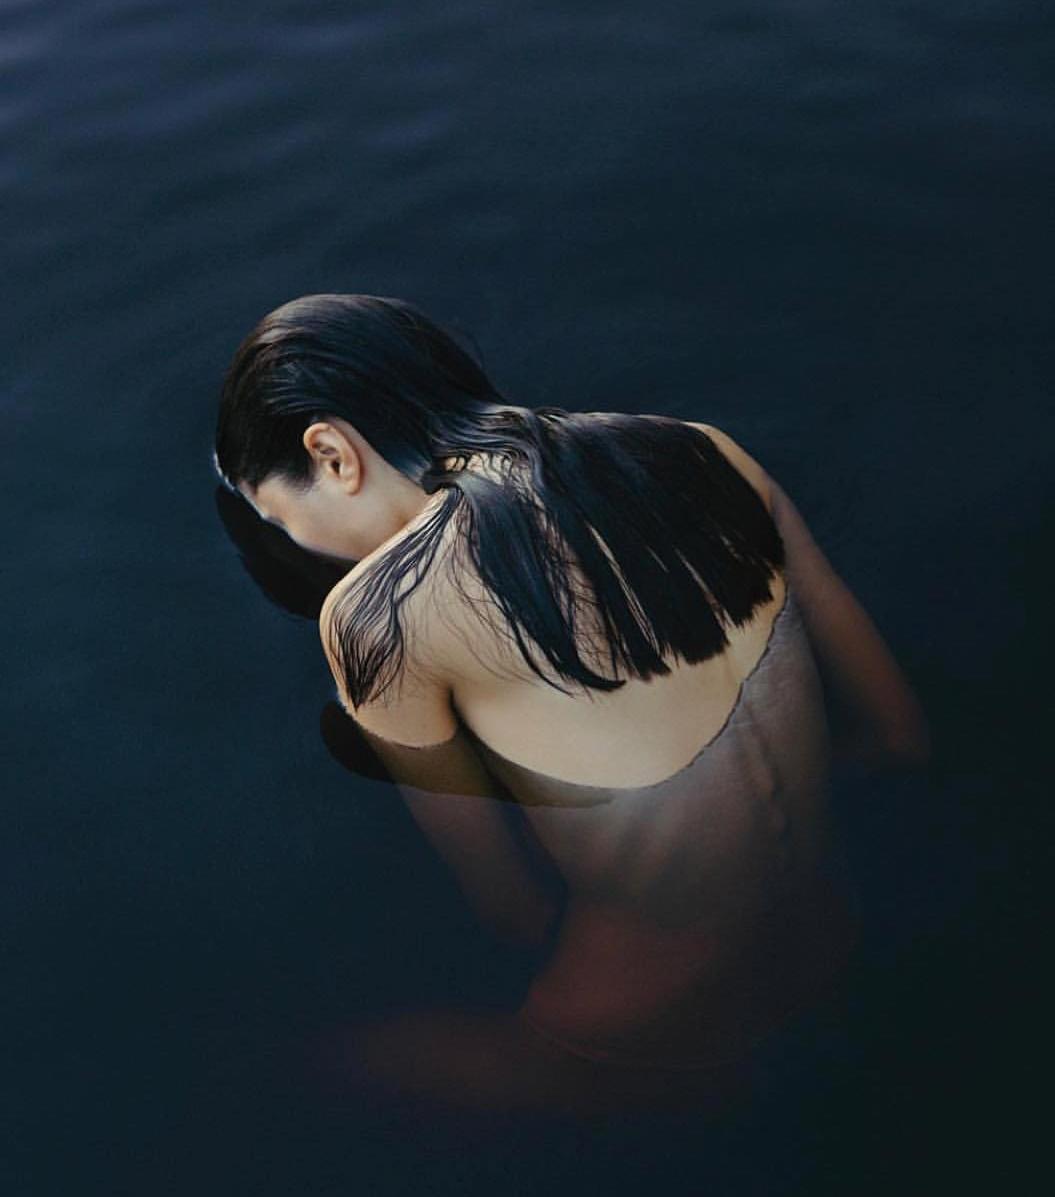 Breathing underwater - Photograph by Gleeson Paulino